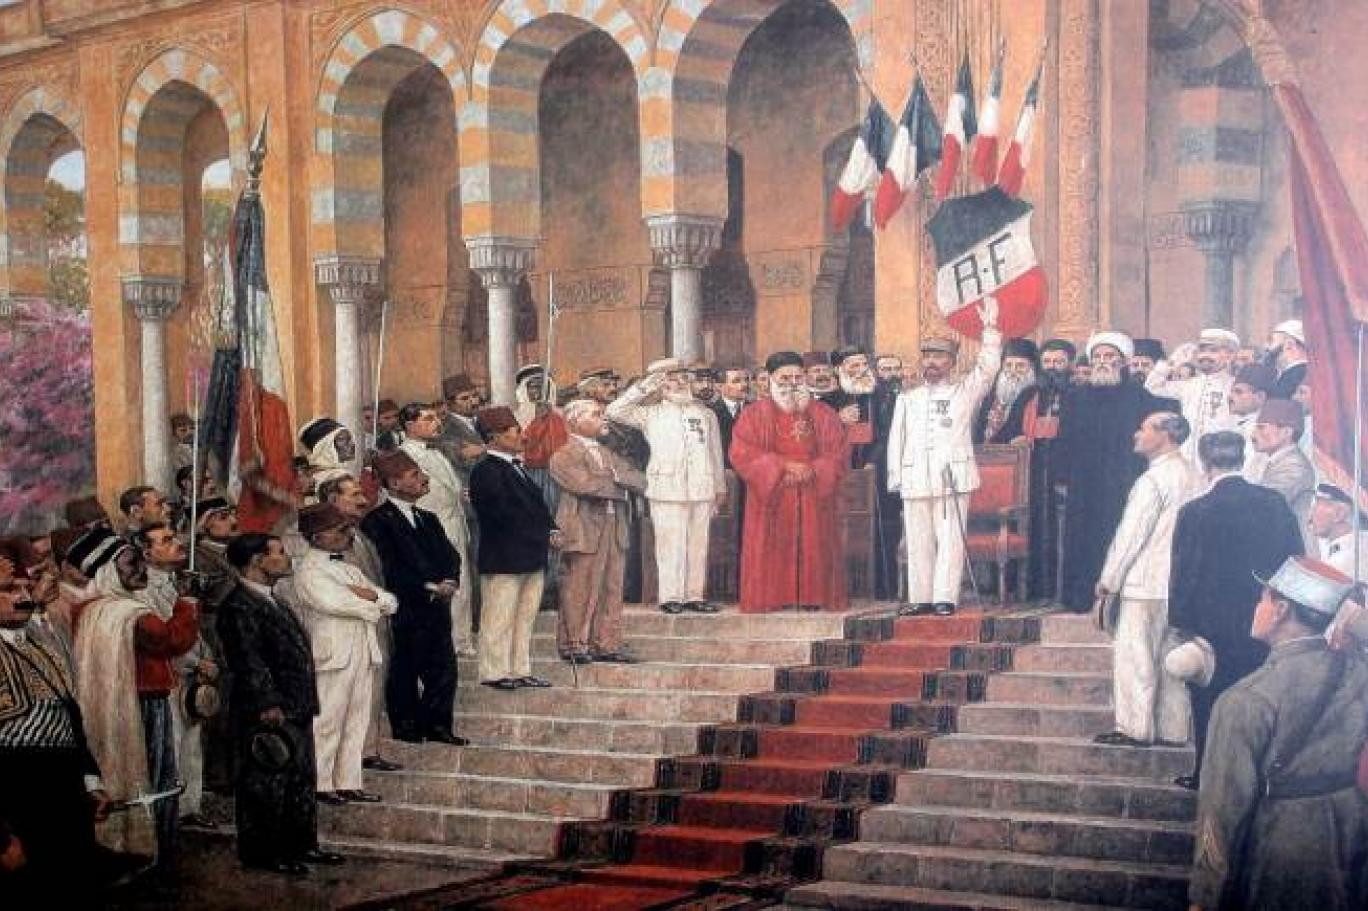 كيف دعم المسلمون انطلاقة لبنان الكبير؟ | اندبندنت عربية